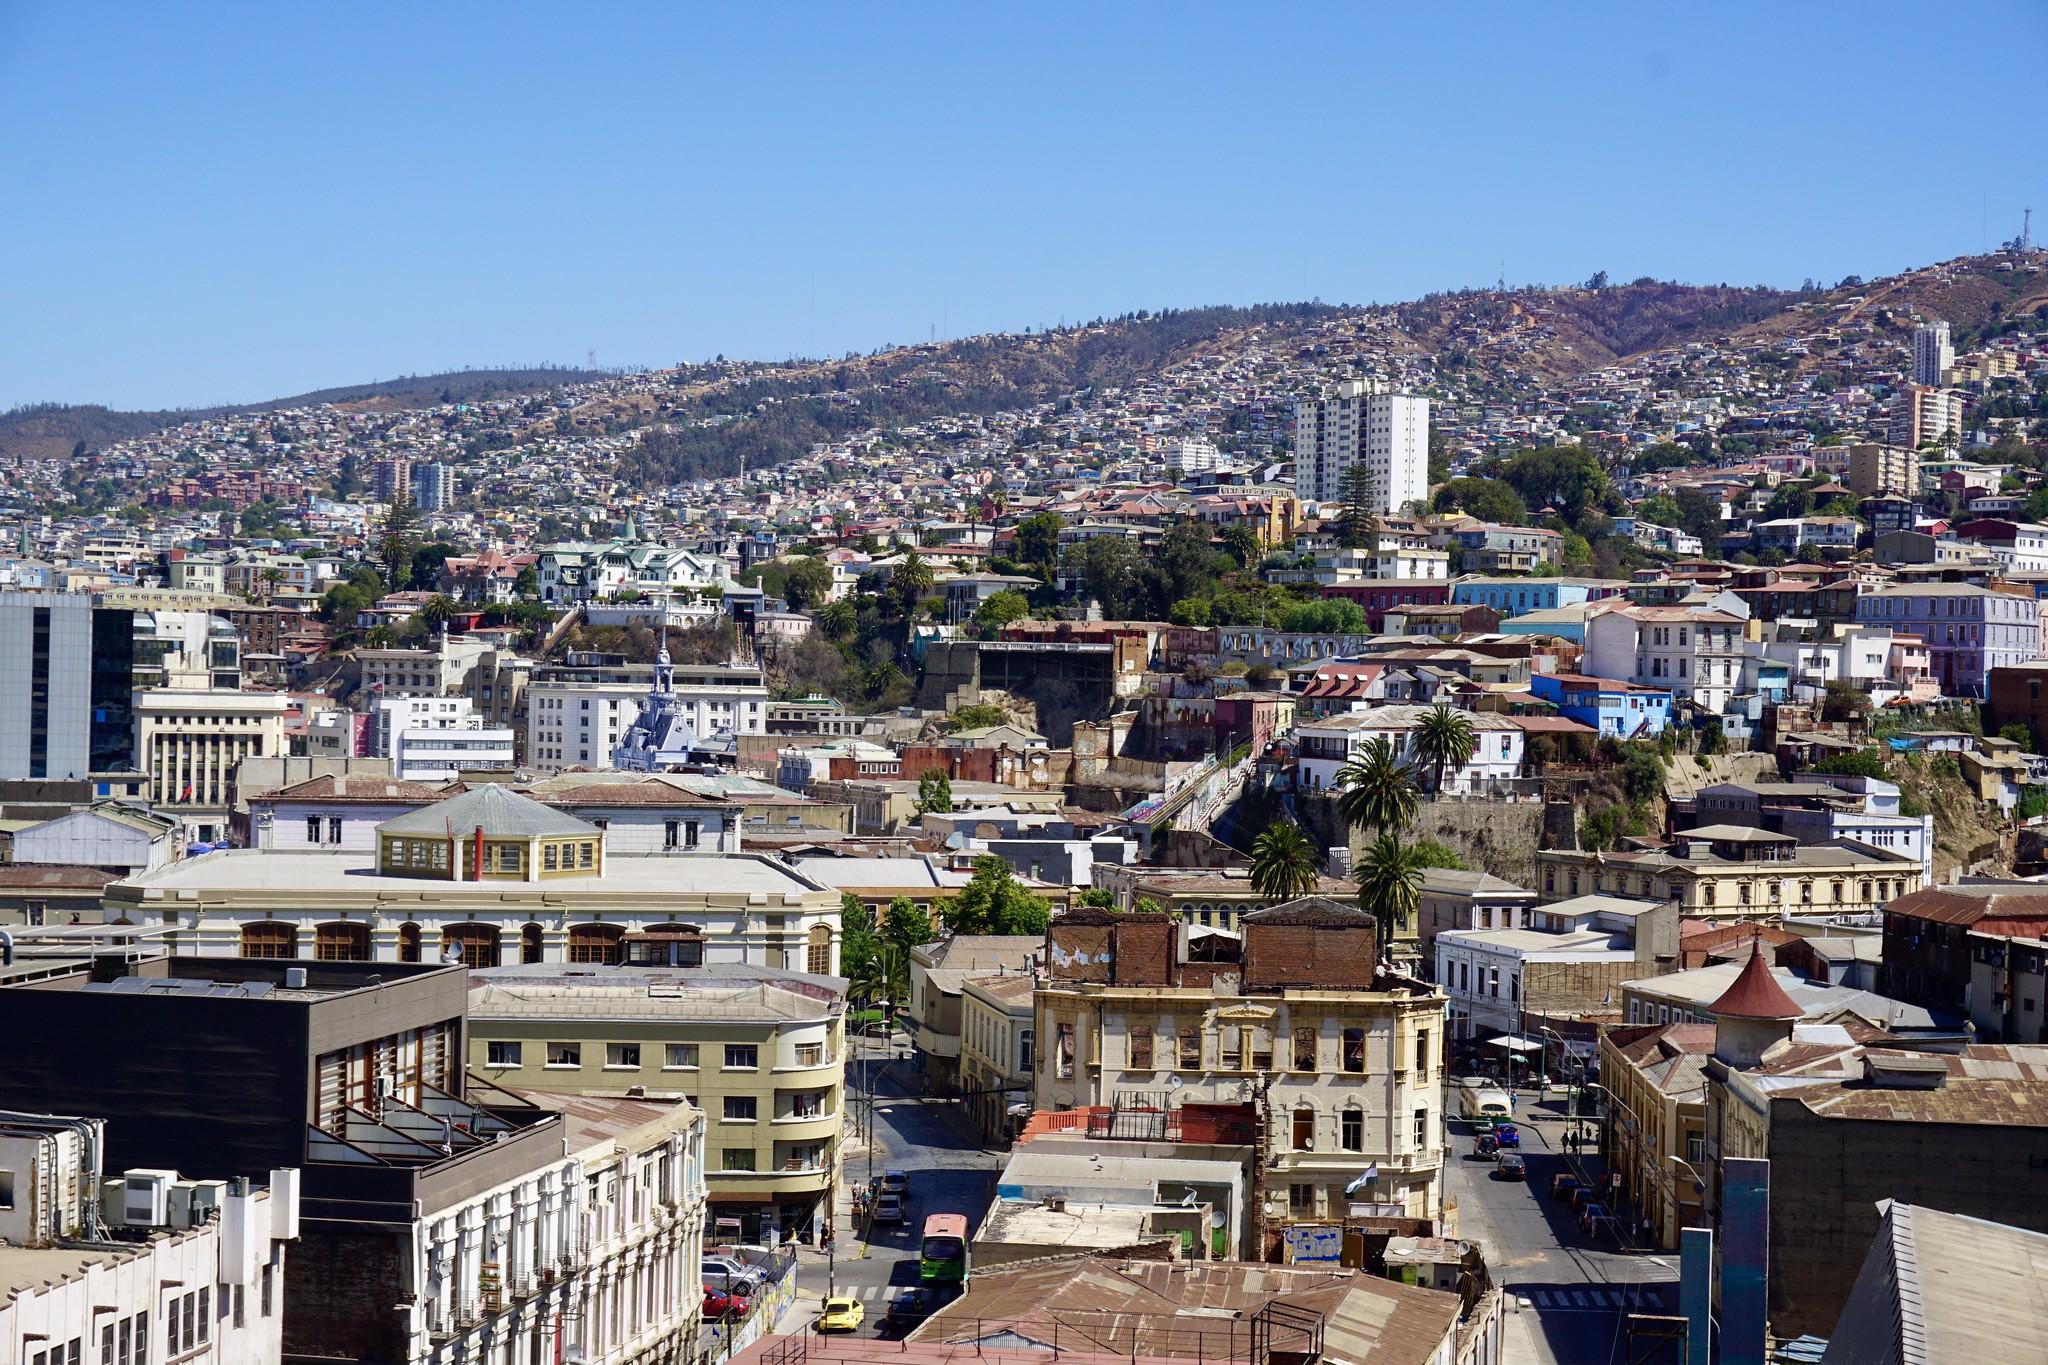 Vista a Valparaíso desde el Cerro Artillería